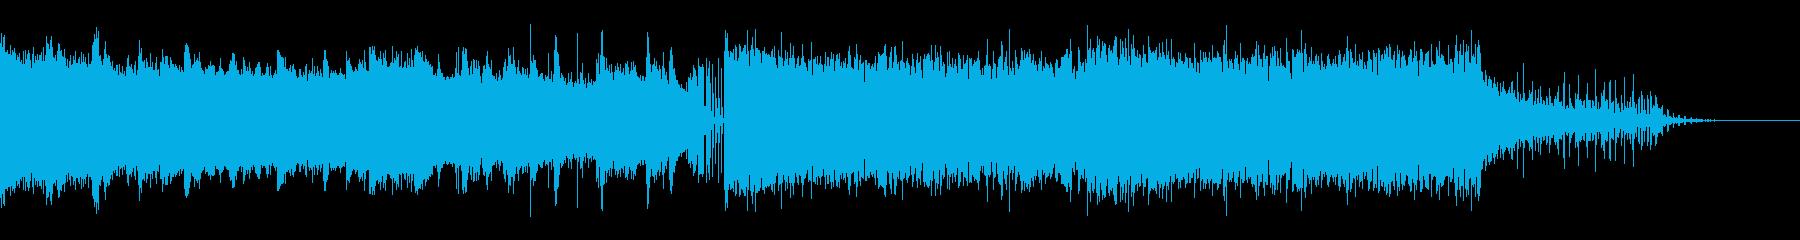 【動画・配信向け】覚えやすいテクノポップの再生済みの波形